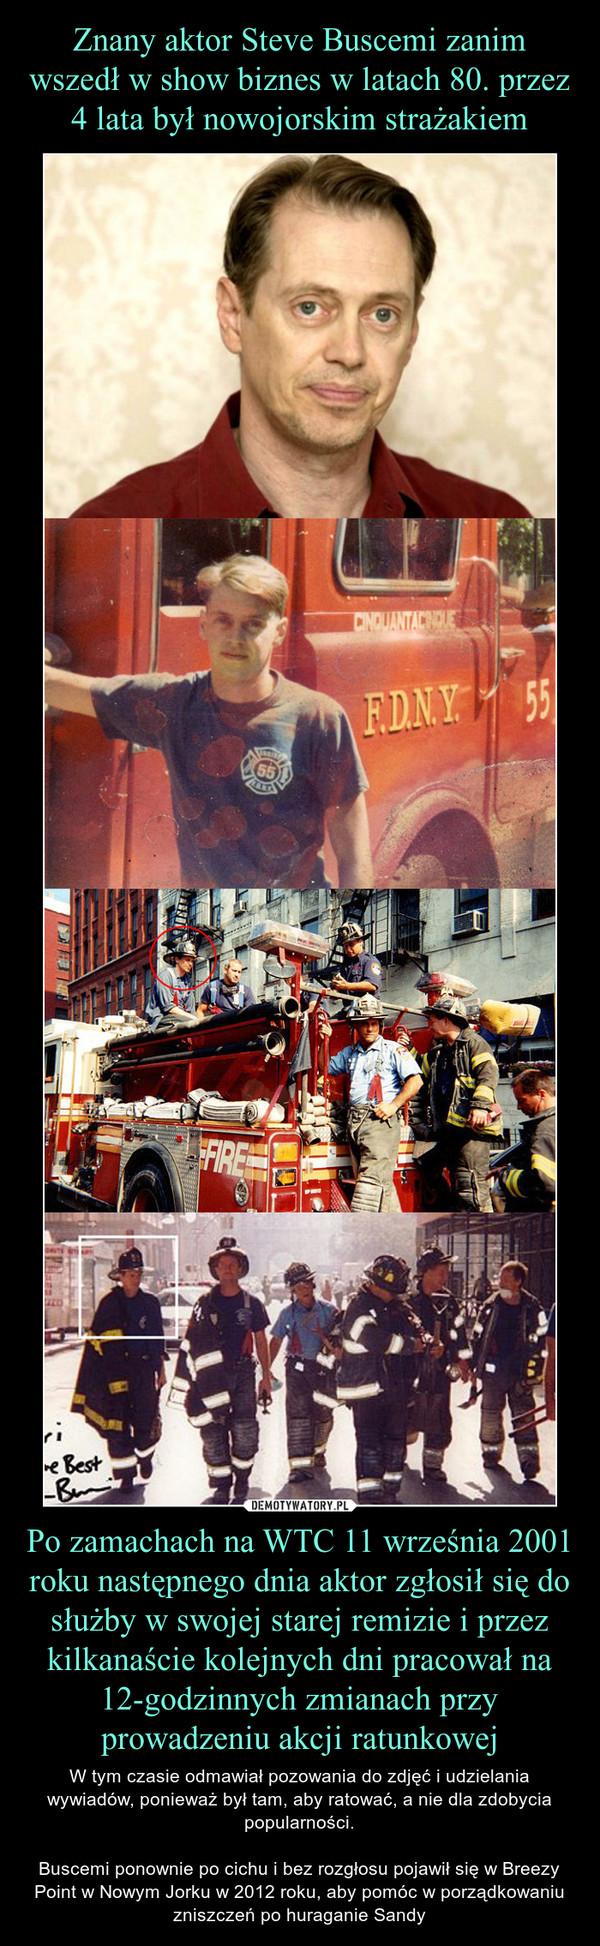 Po zamachach na WTC 11 września 2001 roku następnego dnia aktor zgłosił się do służby w swojej starej remizie i przez kilkanaście kolejnych dni pracował na 12-godzinnych zmianach przy prowadzeniu akcji ratunkowej – W tym czasie odmawiał pozowania do zdjęć i udzielania wywiadów, ponieważ był tam, aby ratować, a nie dla zdobycia popularności.Buscemi ponownie po cichu i bez rozgłosu pojawił się w Breezy Point w Nowym Jorku w 2012 roku, aby pomóc w porządkowaniu zniszczeń po huraganie Sandy